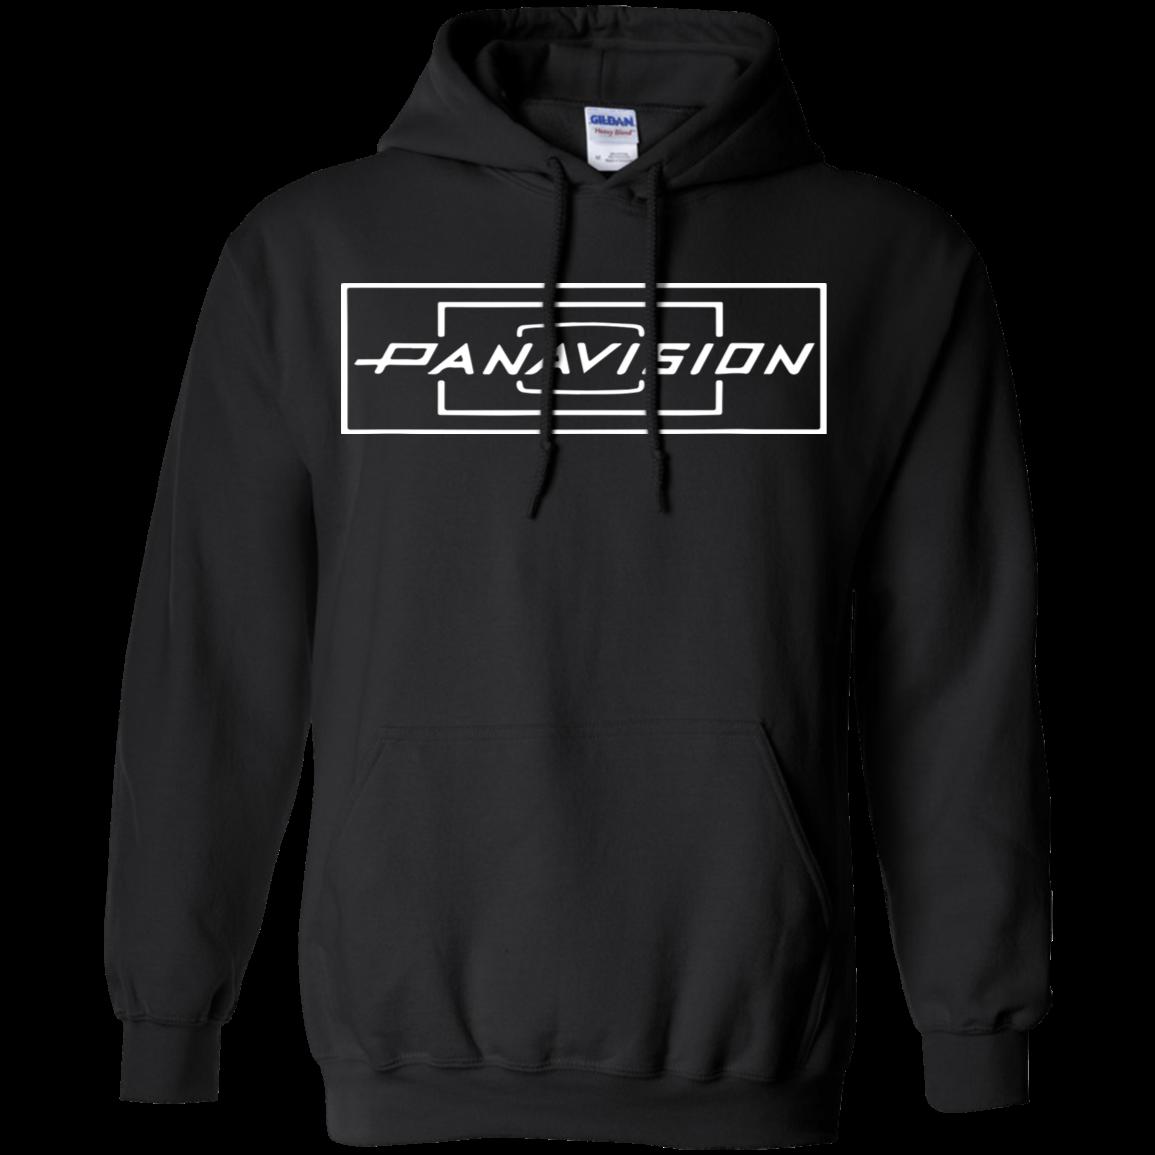 Panavision G185 Pullover 8 Oz Shirts